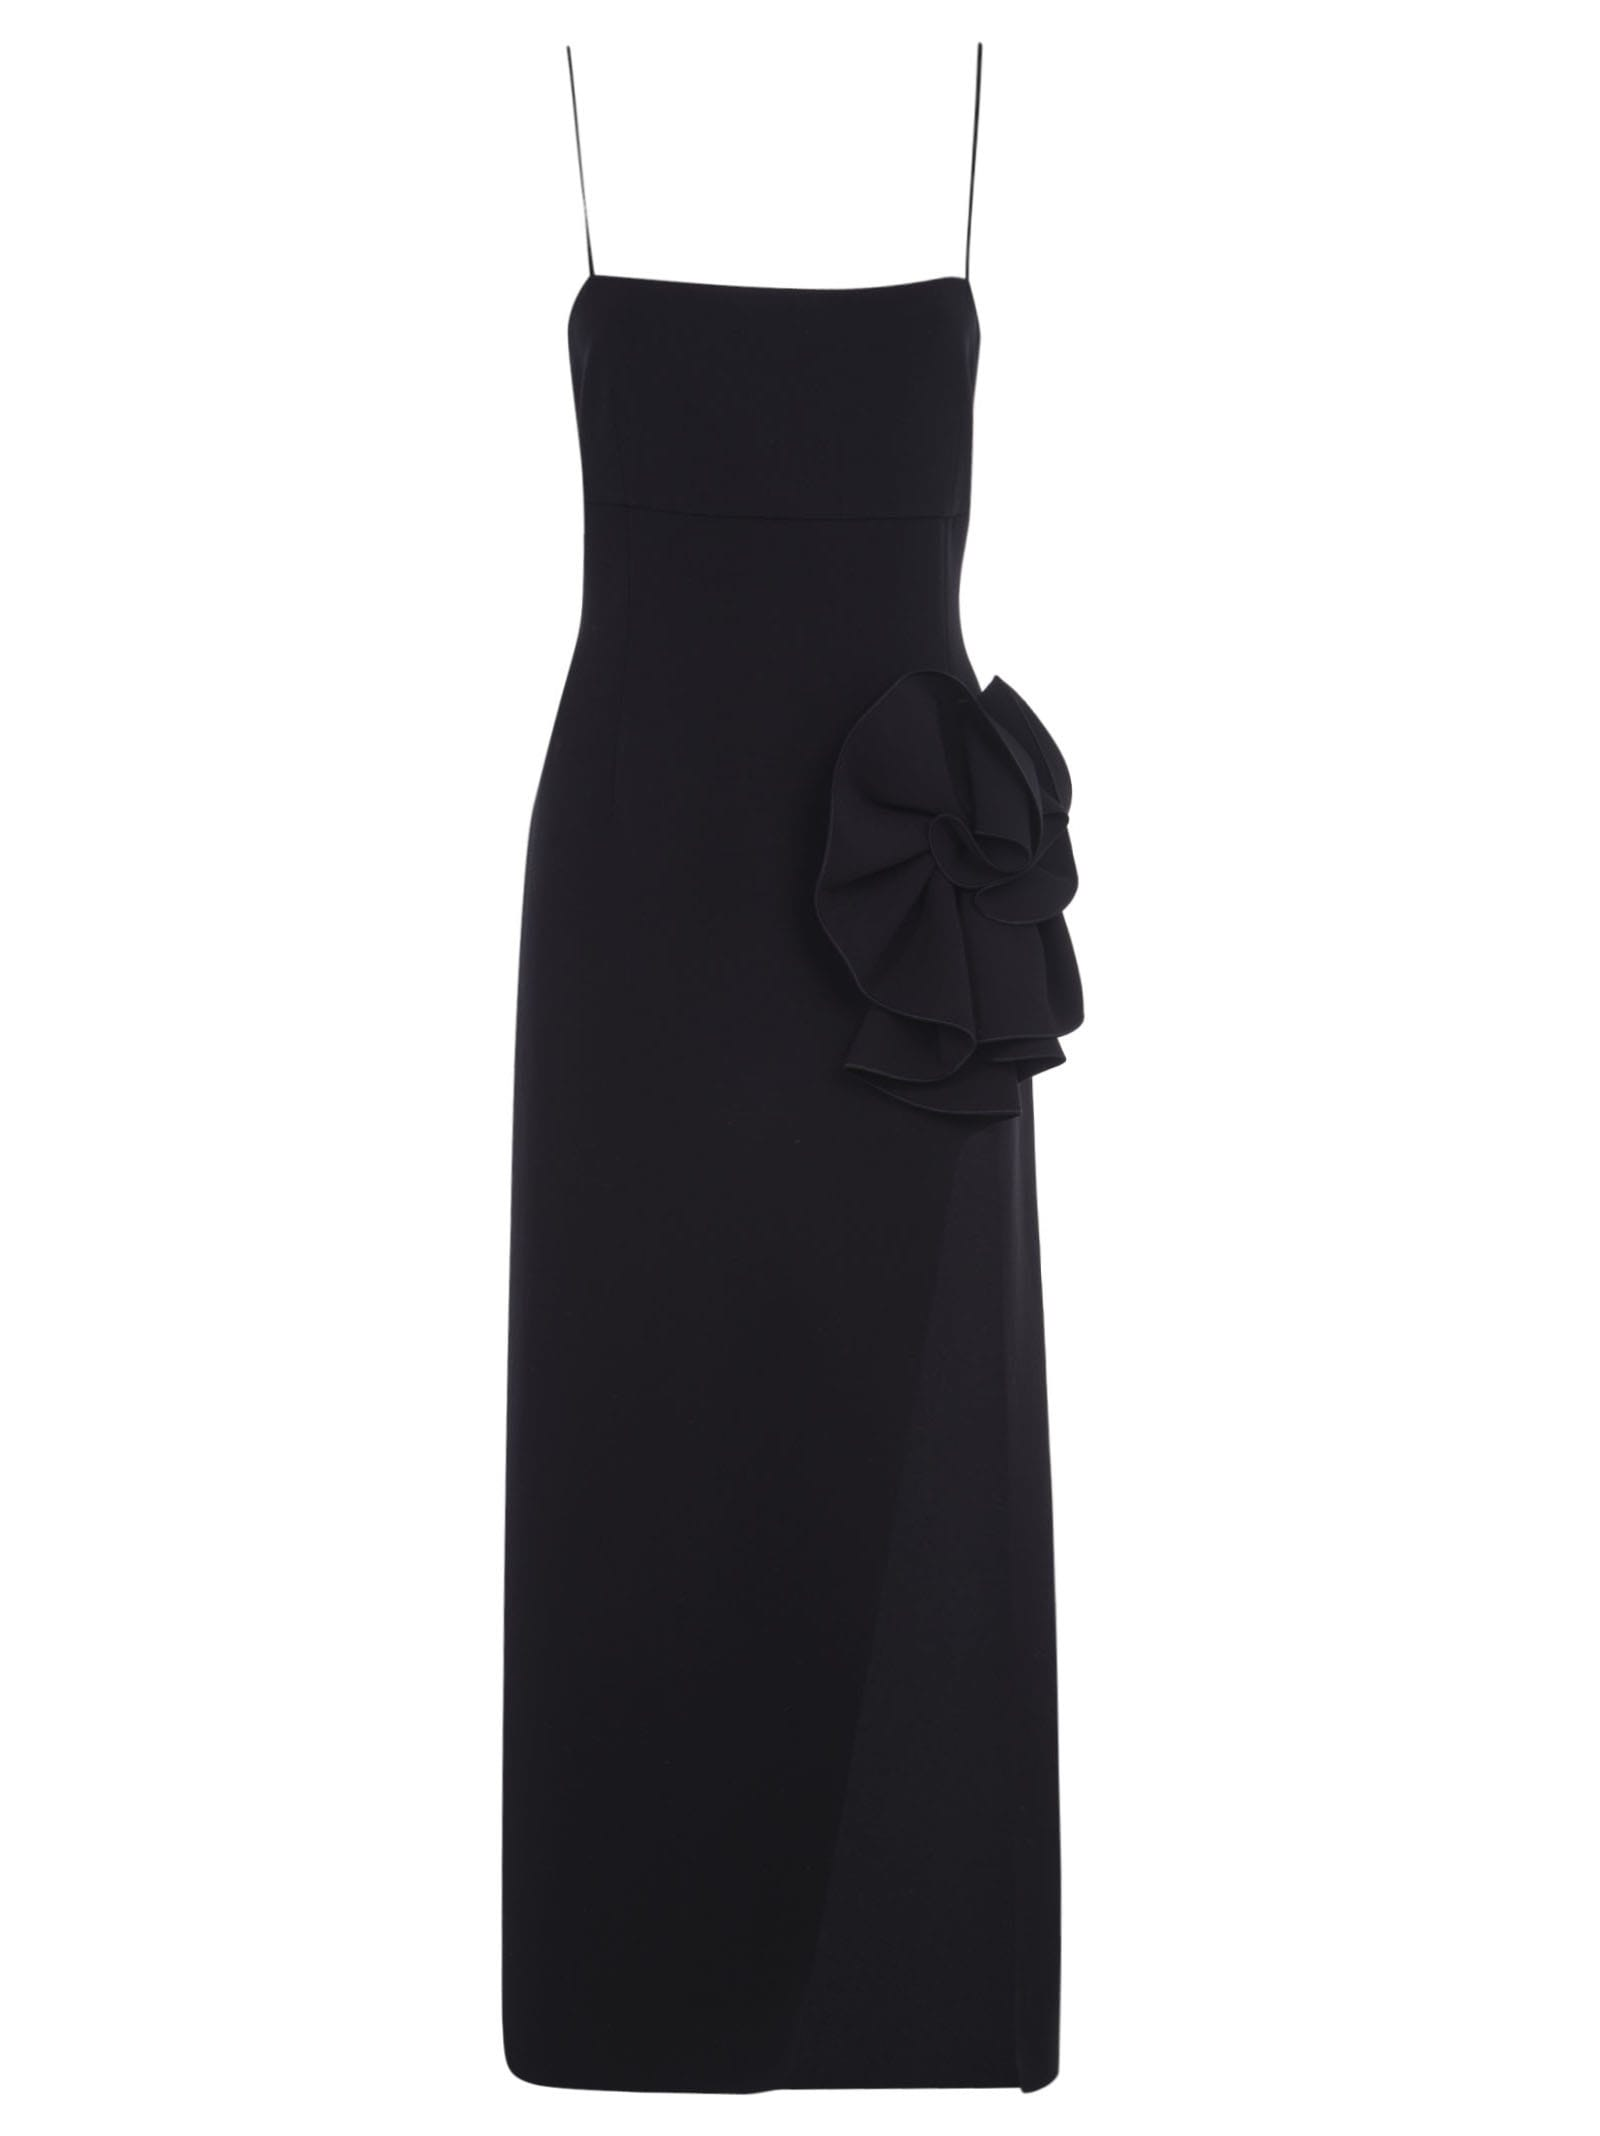 Magda Butrym SIDE SLIT FLORAL APPLIQUE LONG DRESS